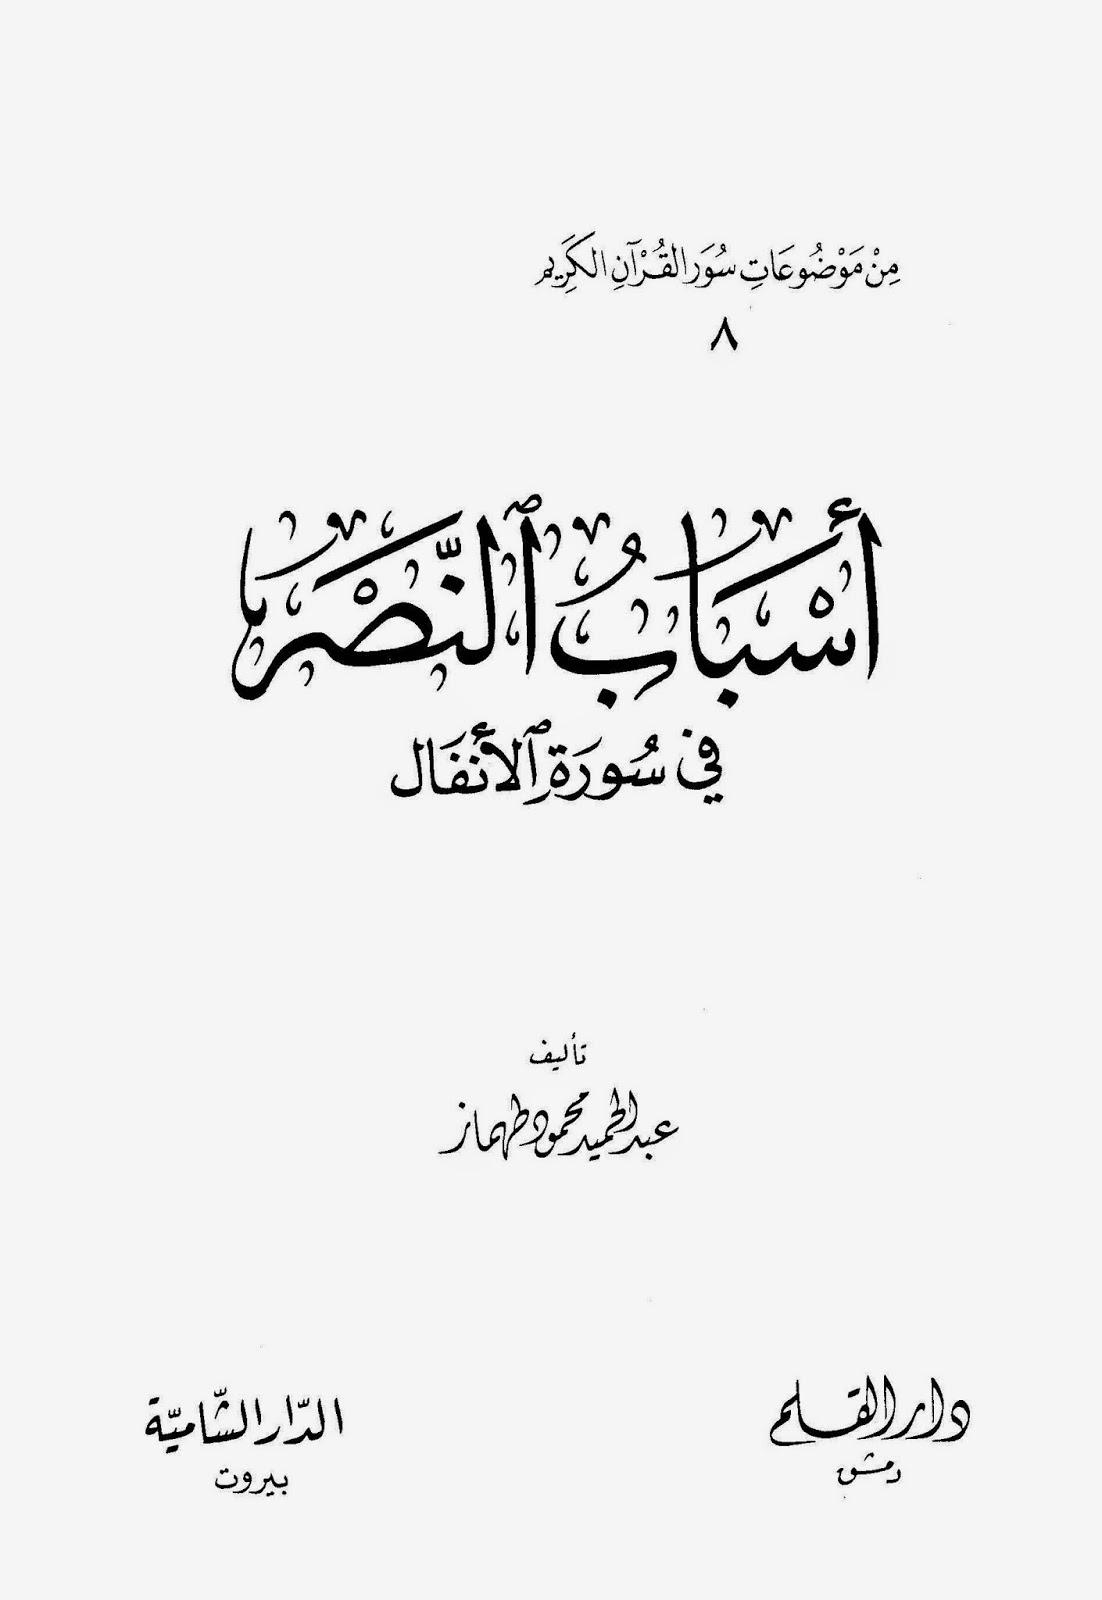 أسباب النصر في سورة الأنفال - عبد الحميد محمود طهماز pdf